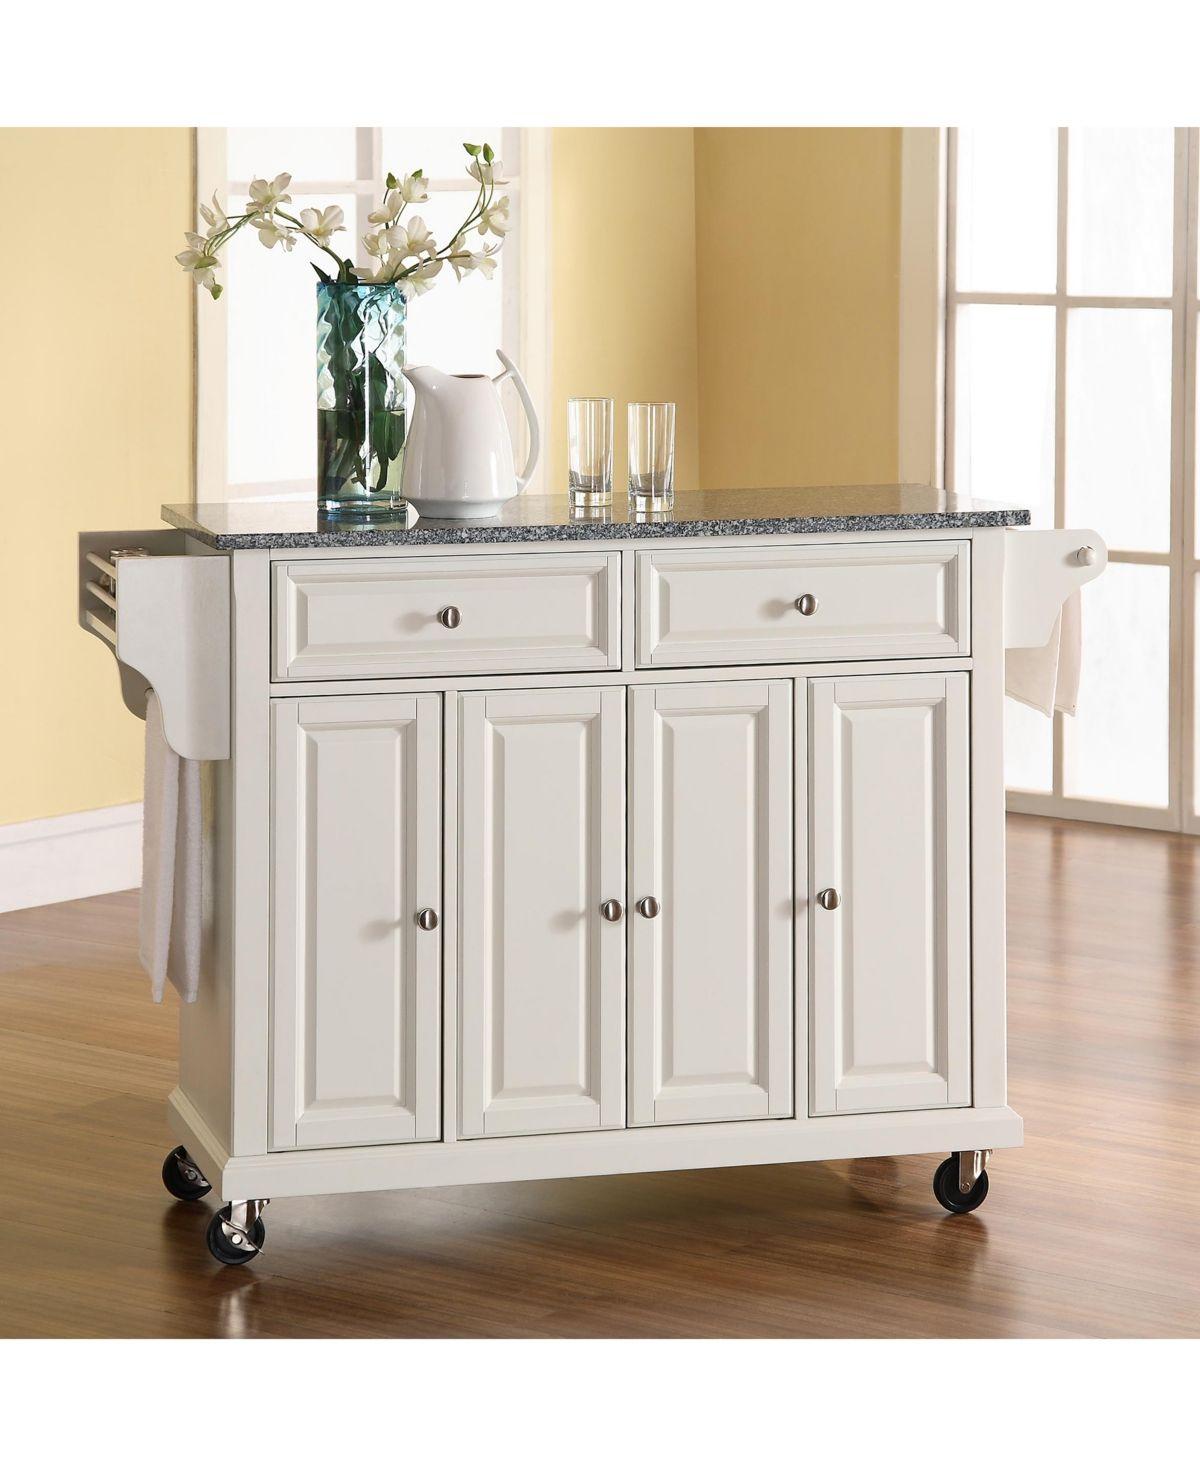 Crosley Solid Granite Top Kitchen Cart